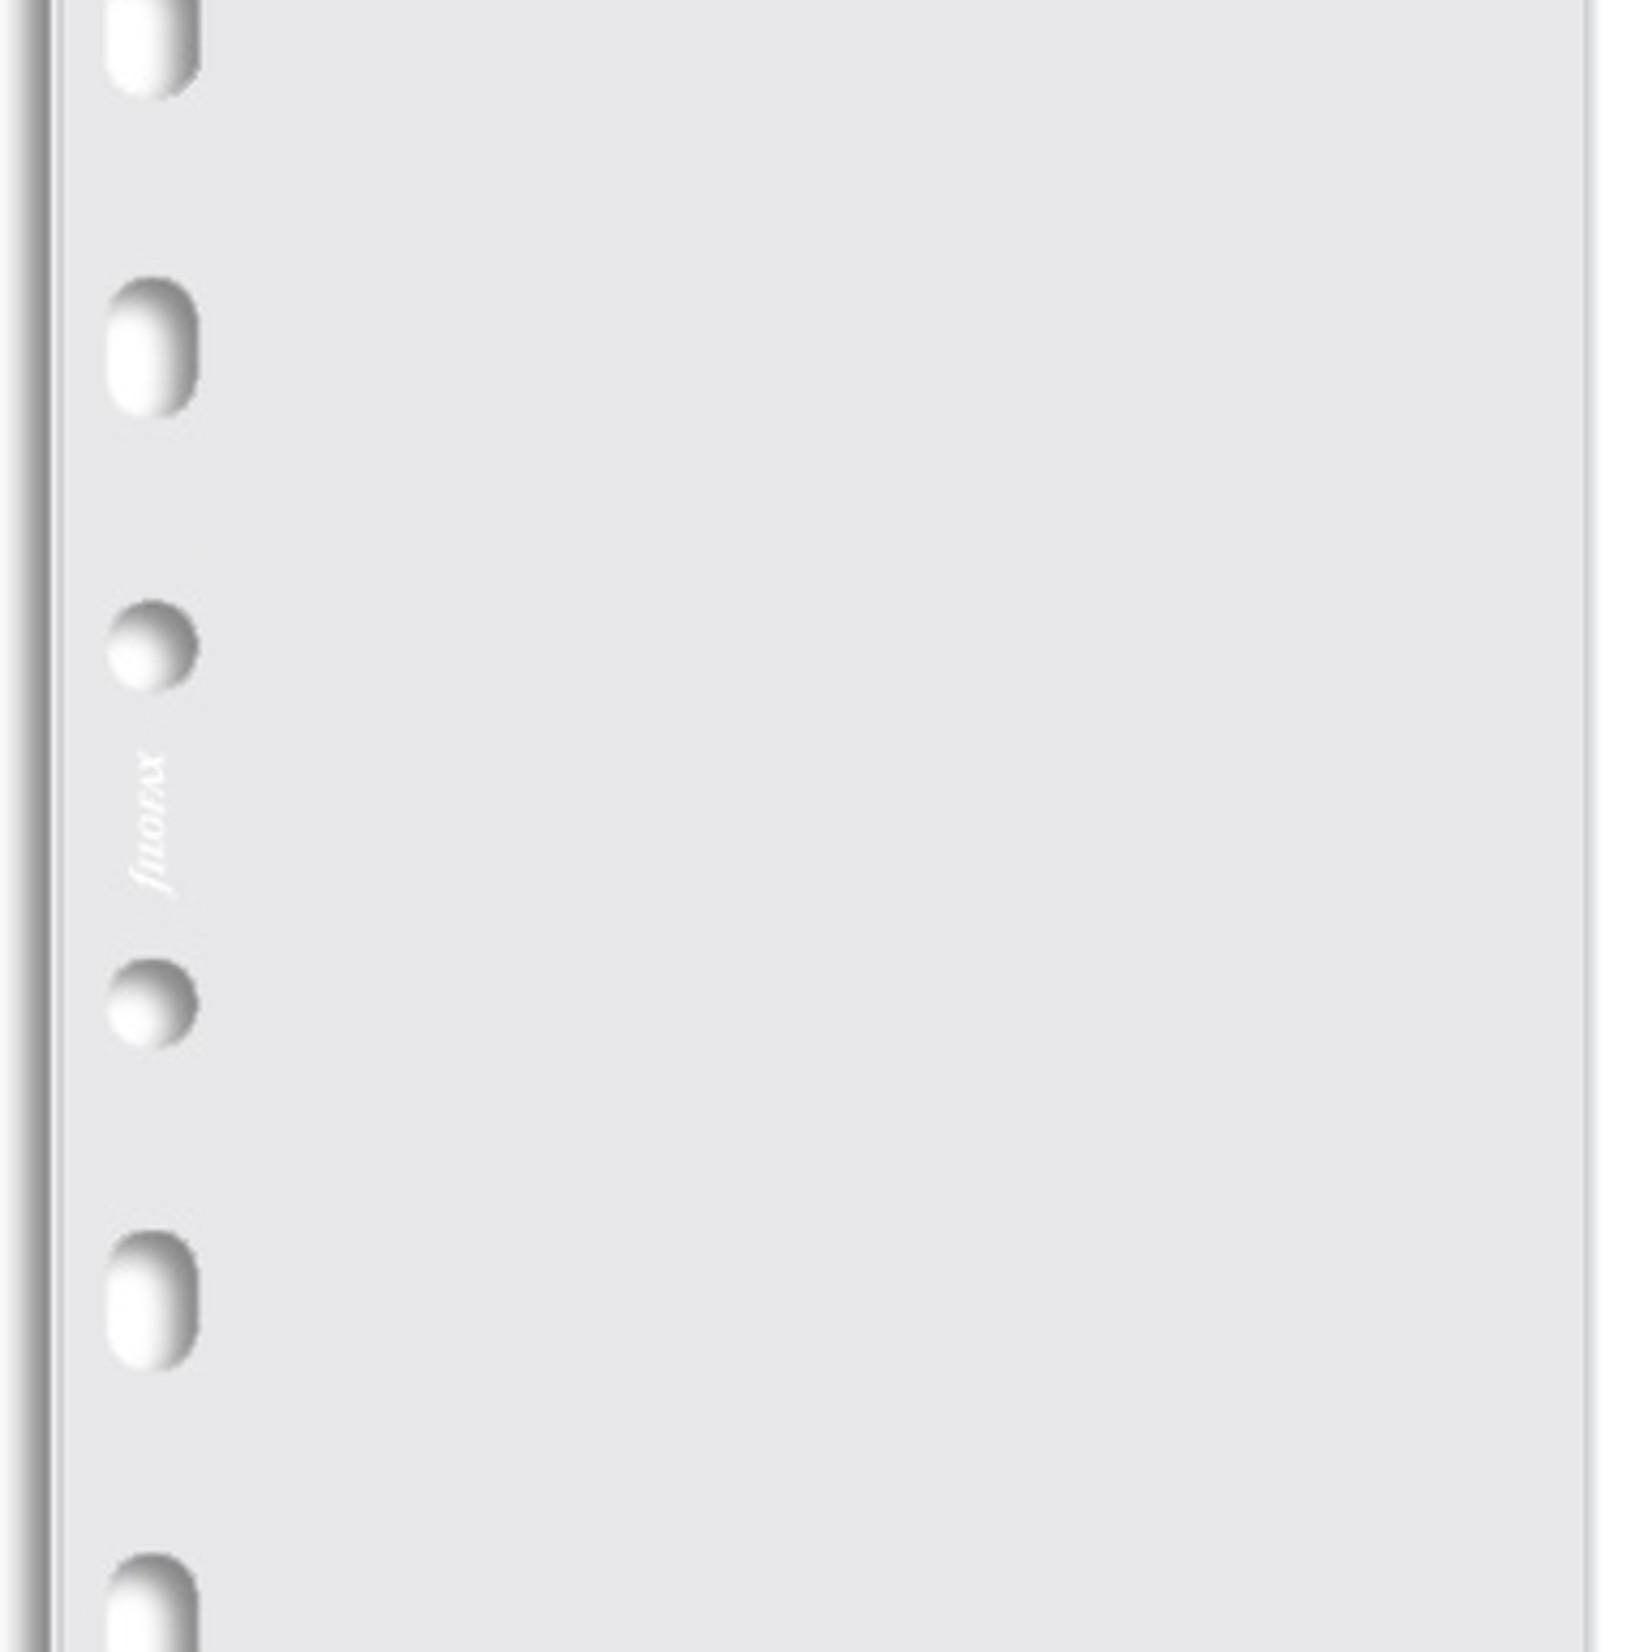 Filofax Filofax Einlage Pocket, Sichthülle oben offen